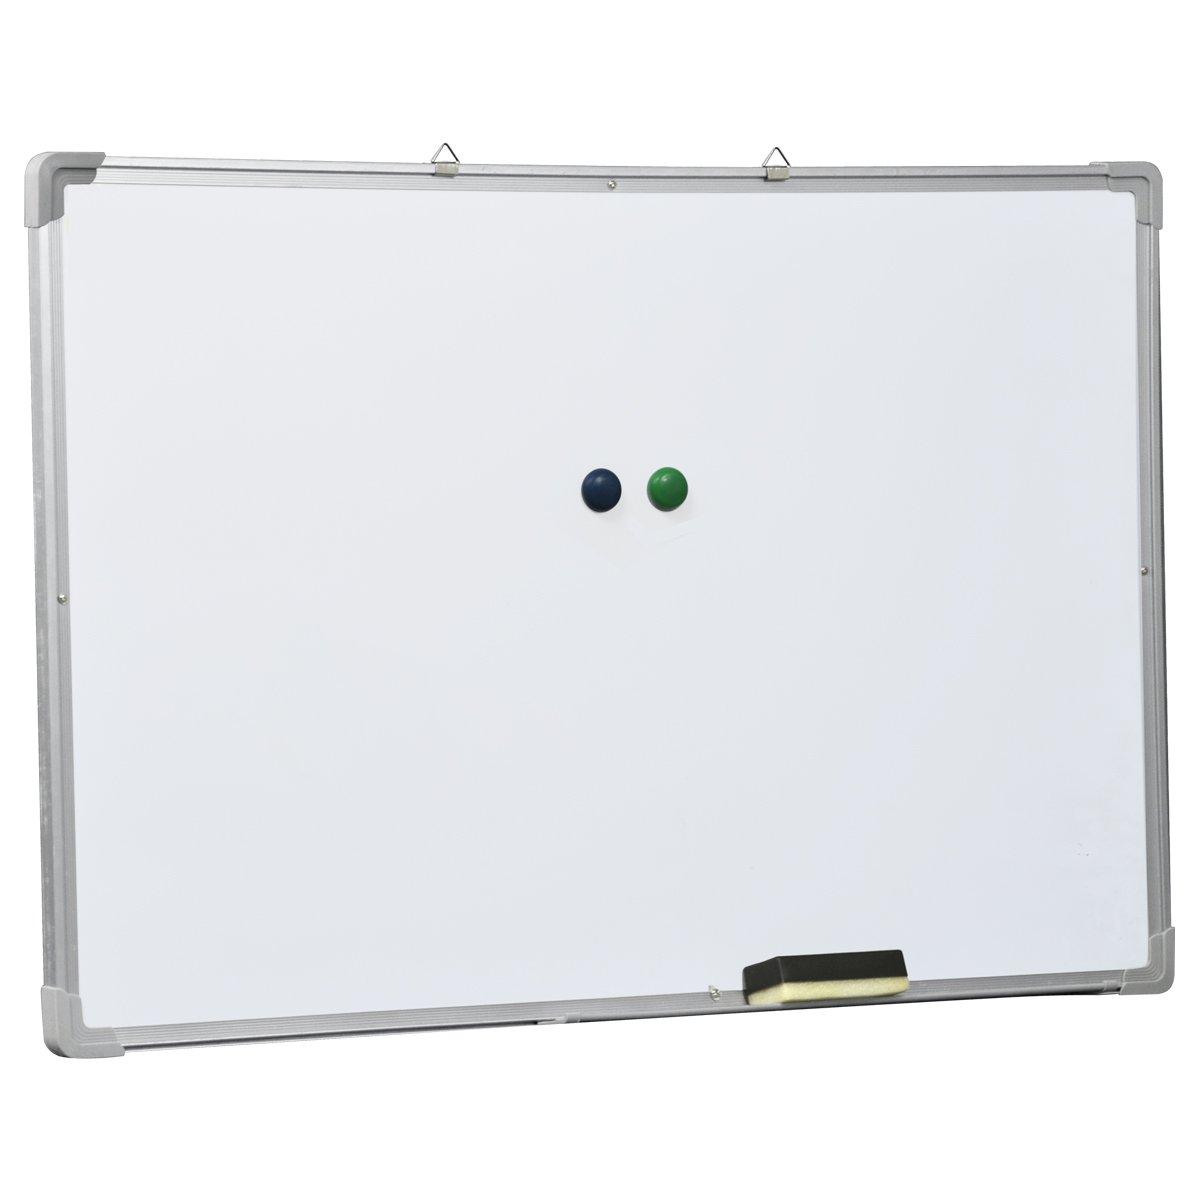 70 x 50cm Accessotech lavagna magnetica cancellabile a secco e cancellino memo nota disegno scuola di presentazione 700 x 500mm